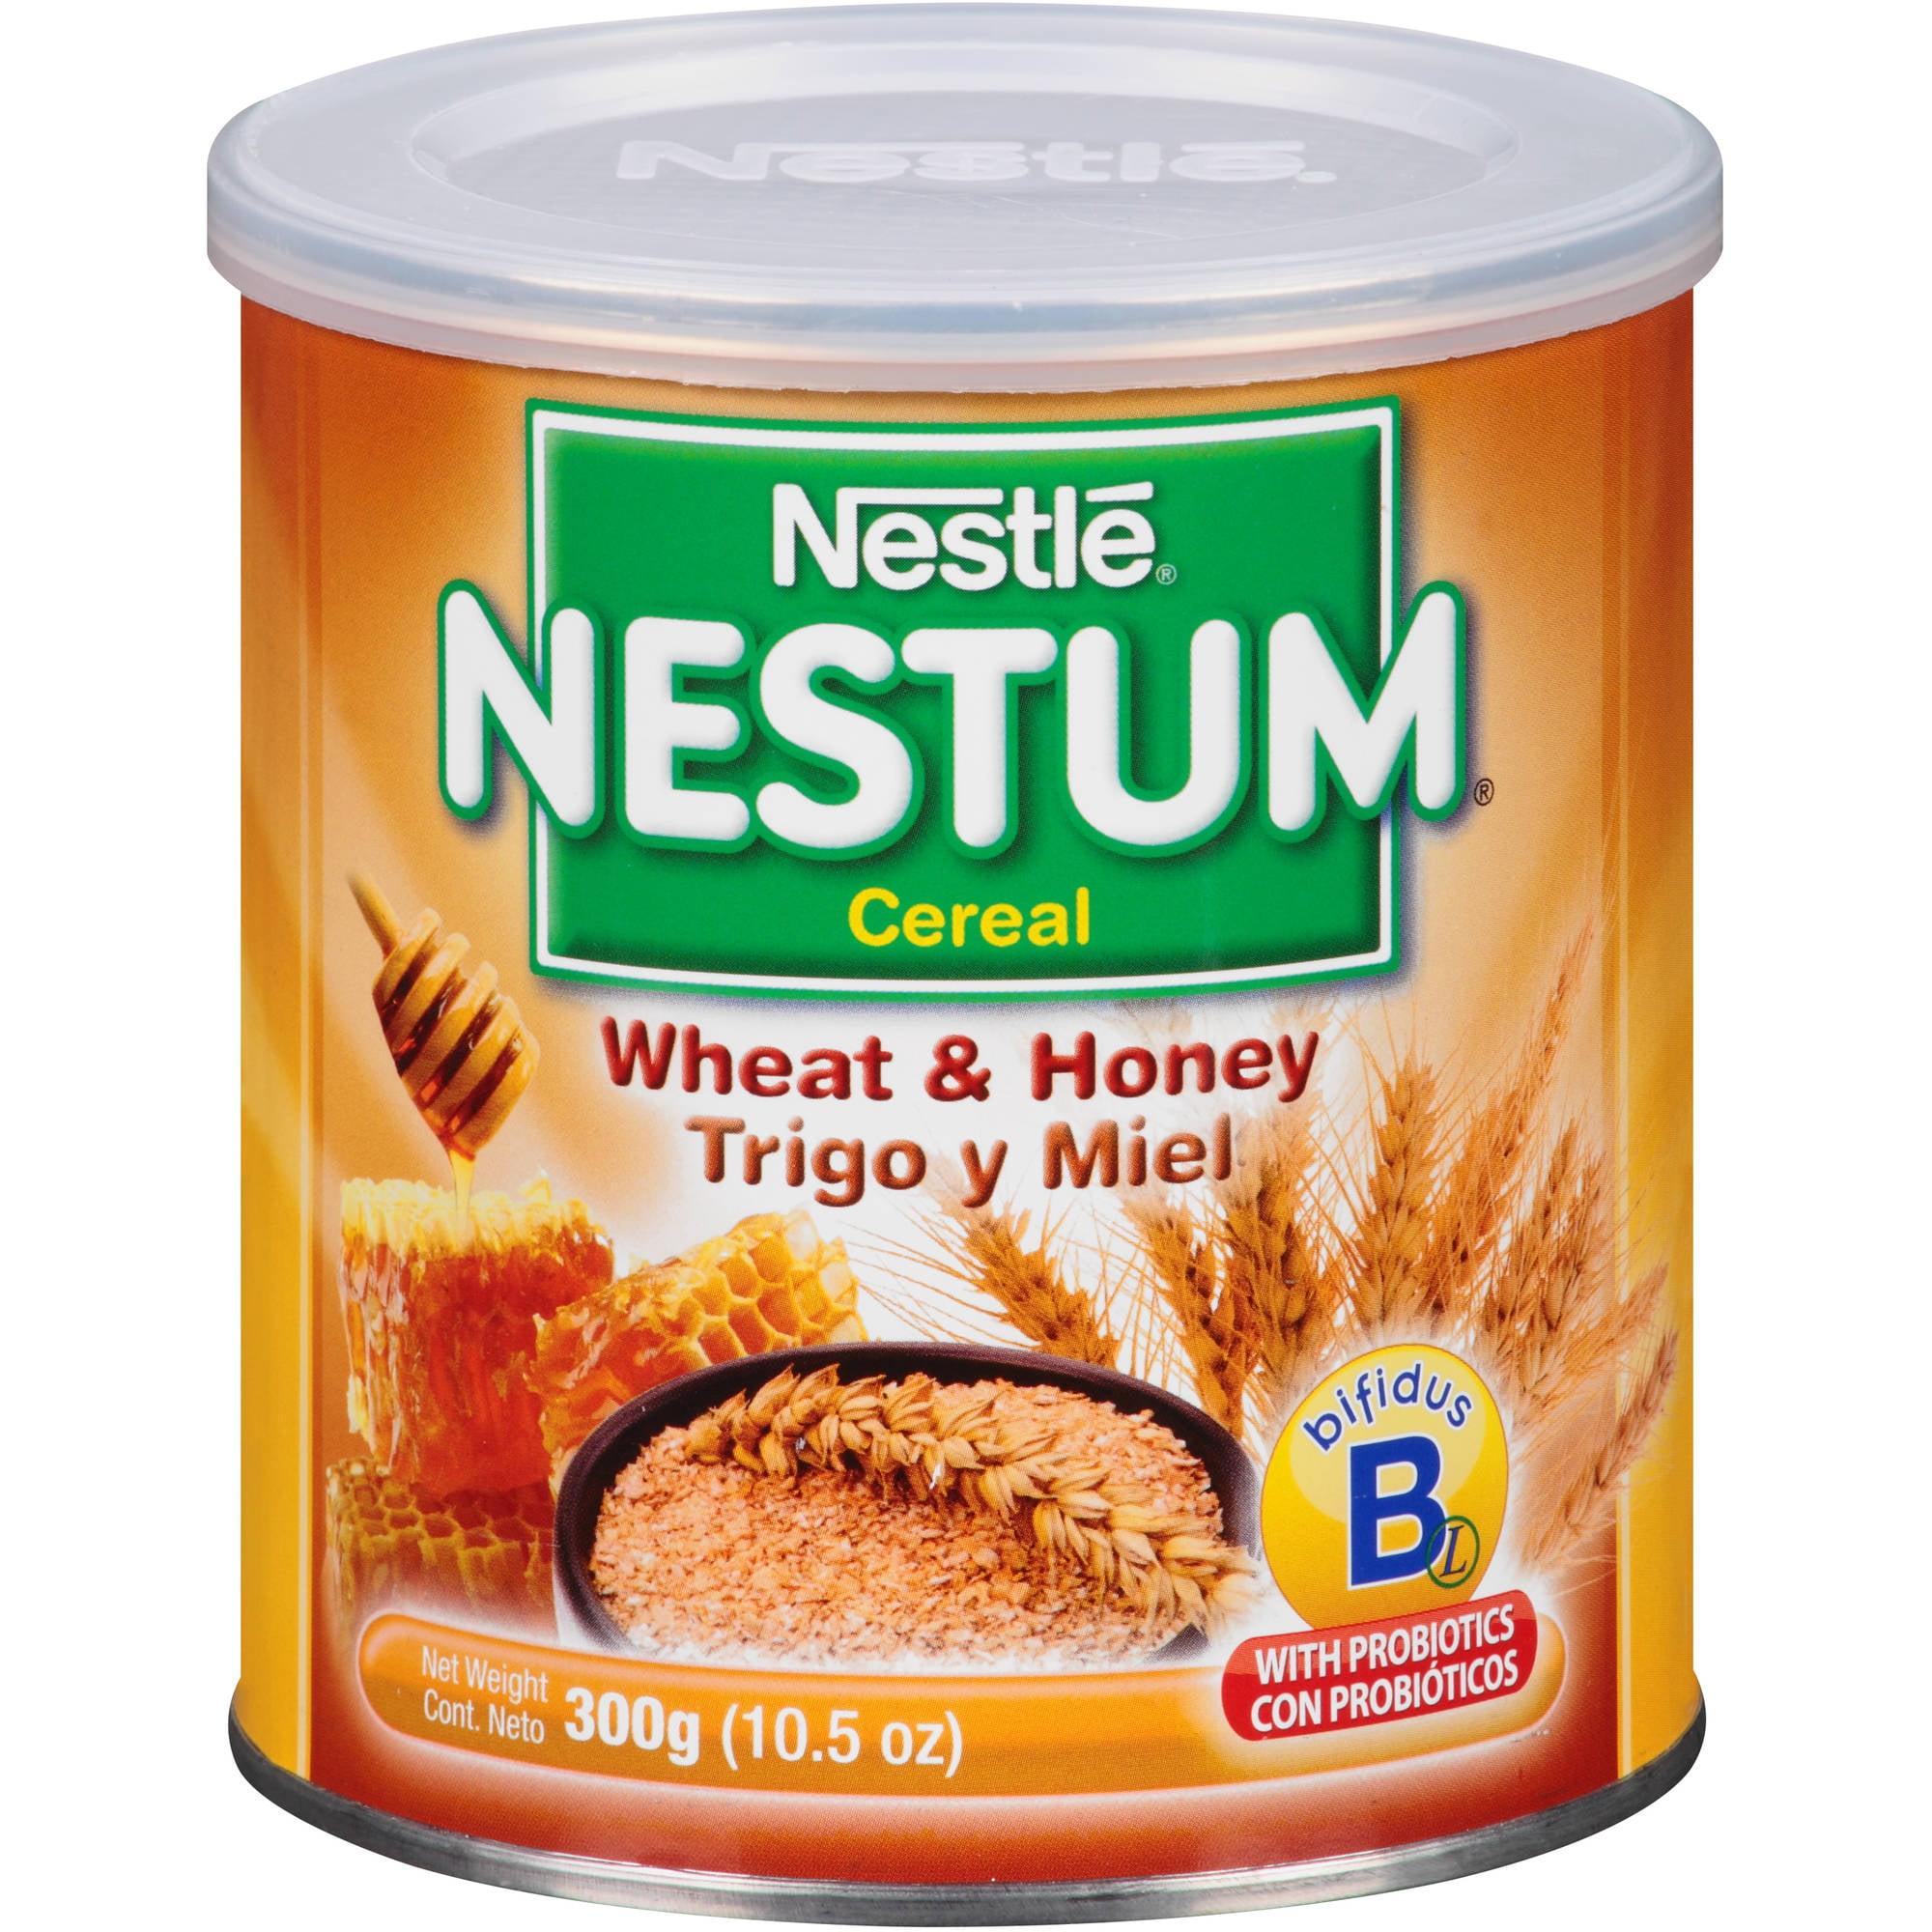 Nestle Nestum Wheat & Honey Cereal 10.5 oz. Canister